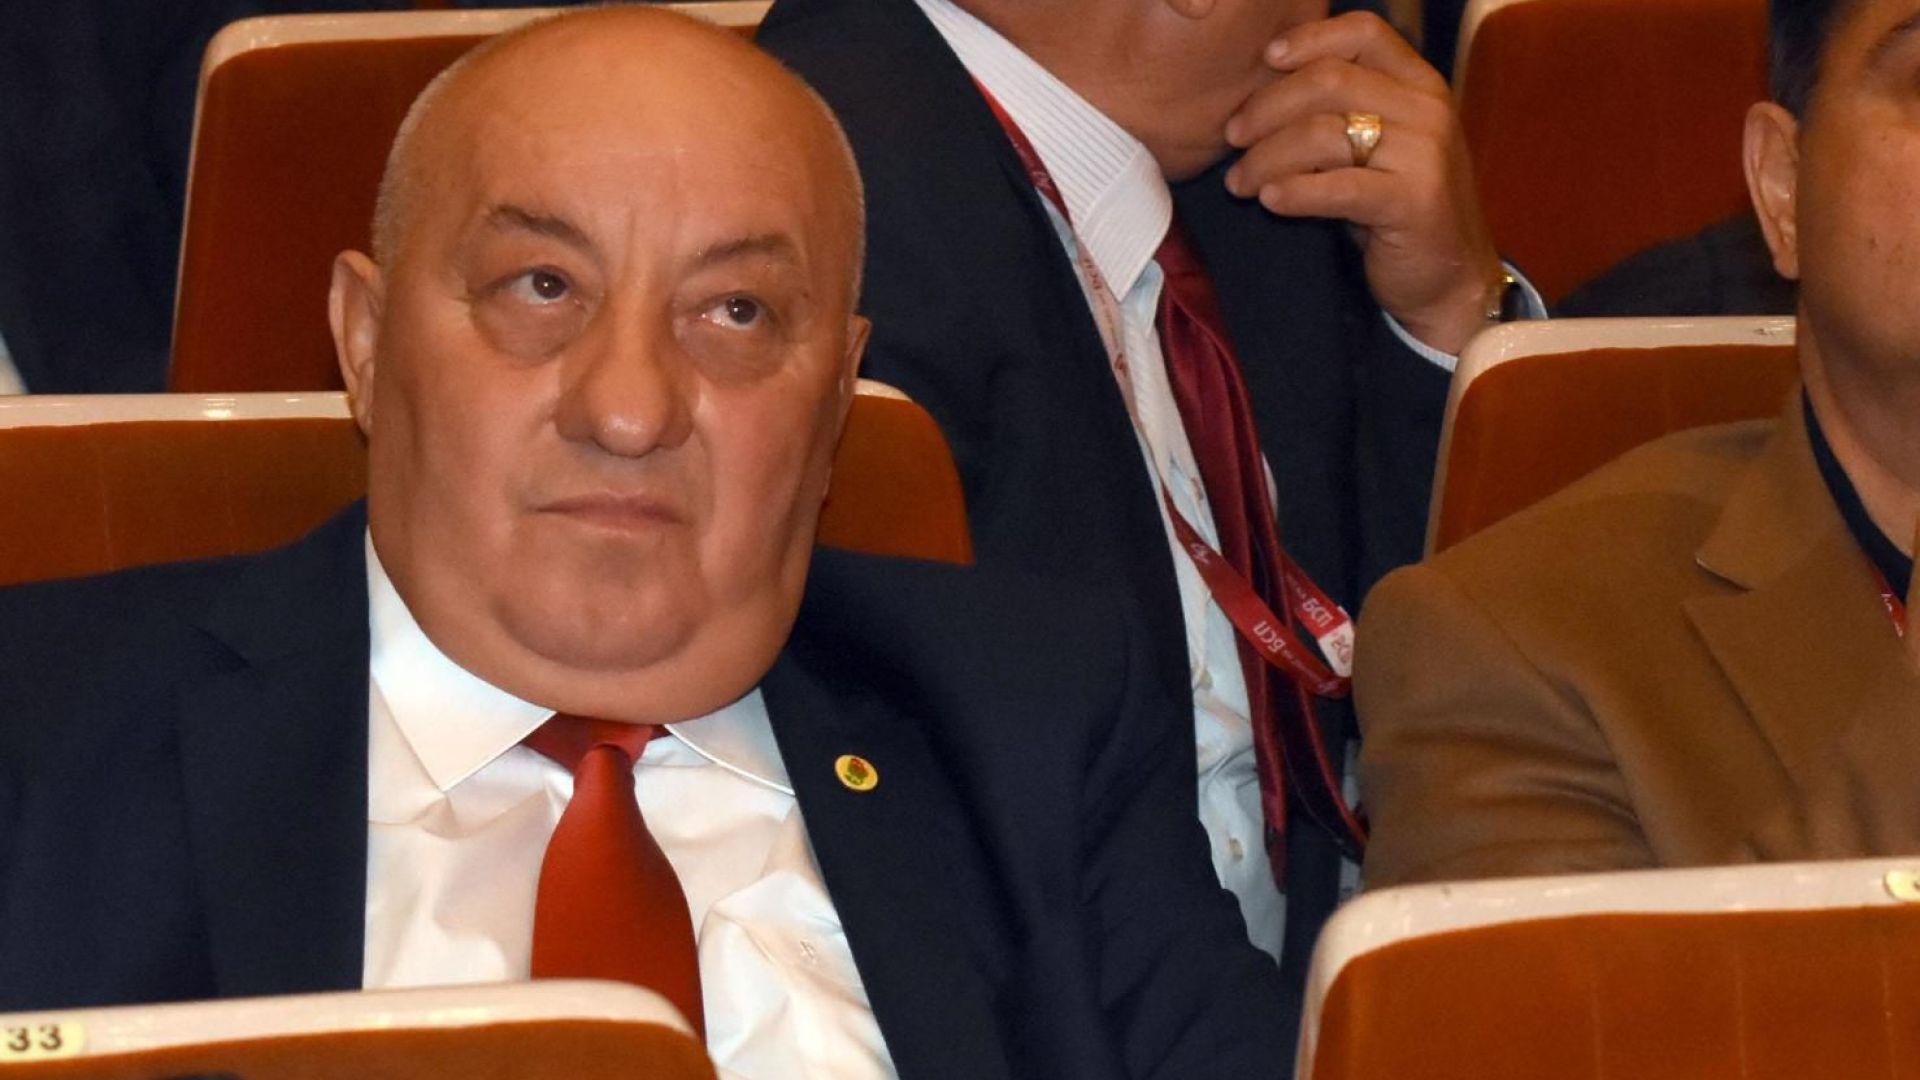 Георги Гергов: Моят фаворит за водач на листата е Станишев